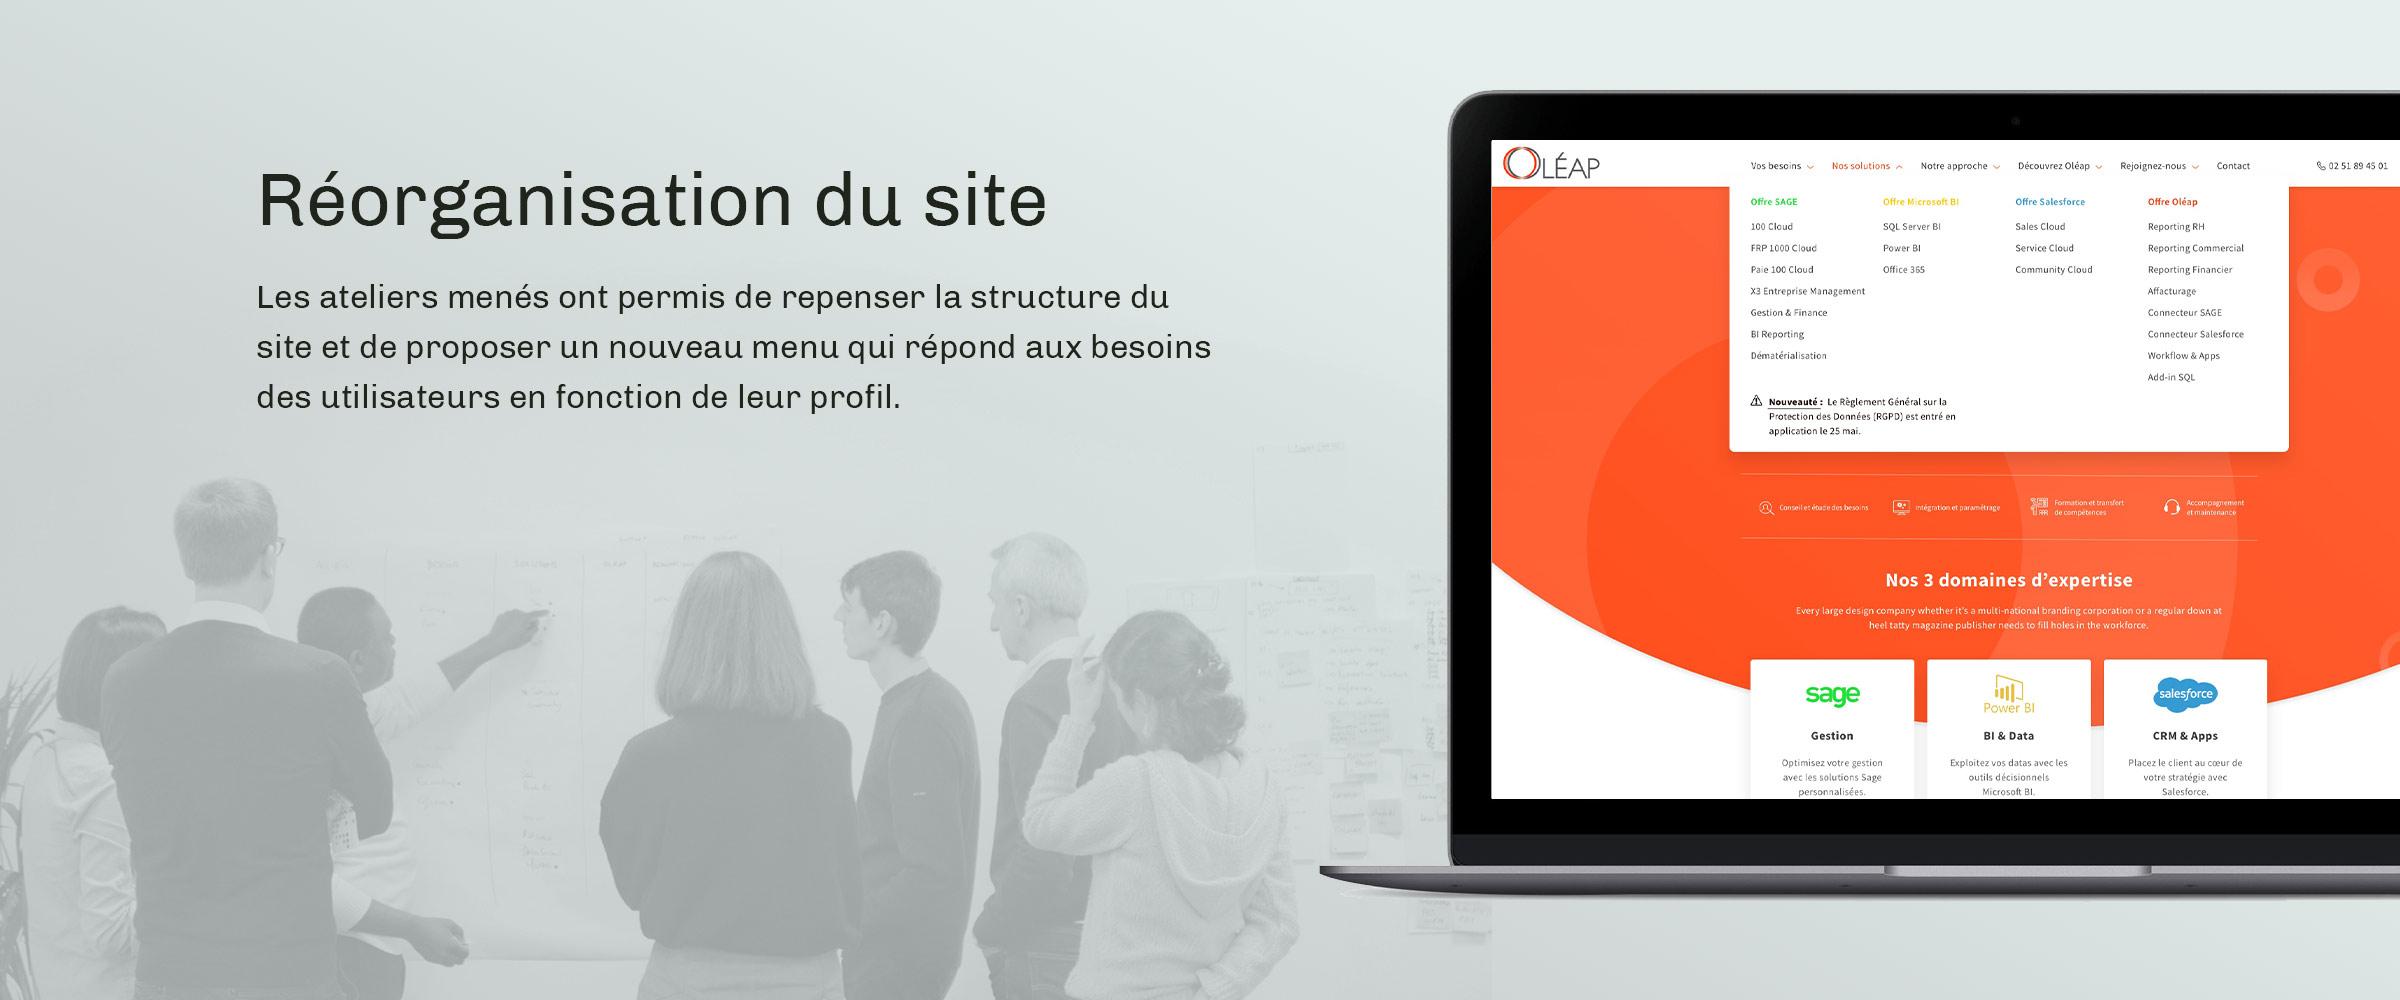 oleap réorganisation site web